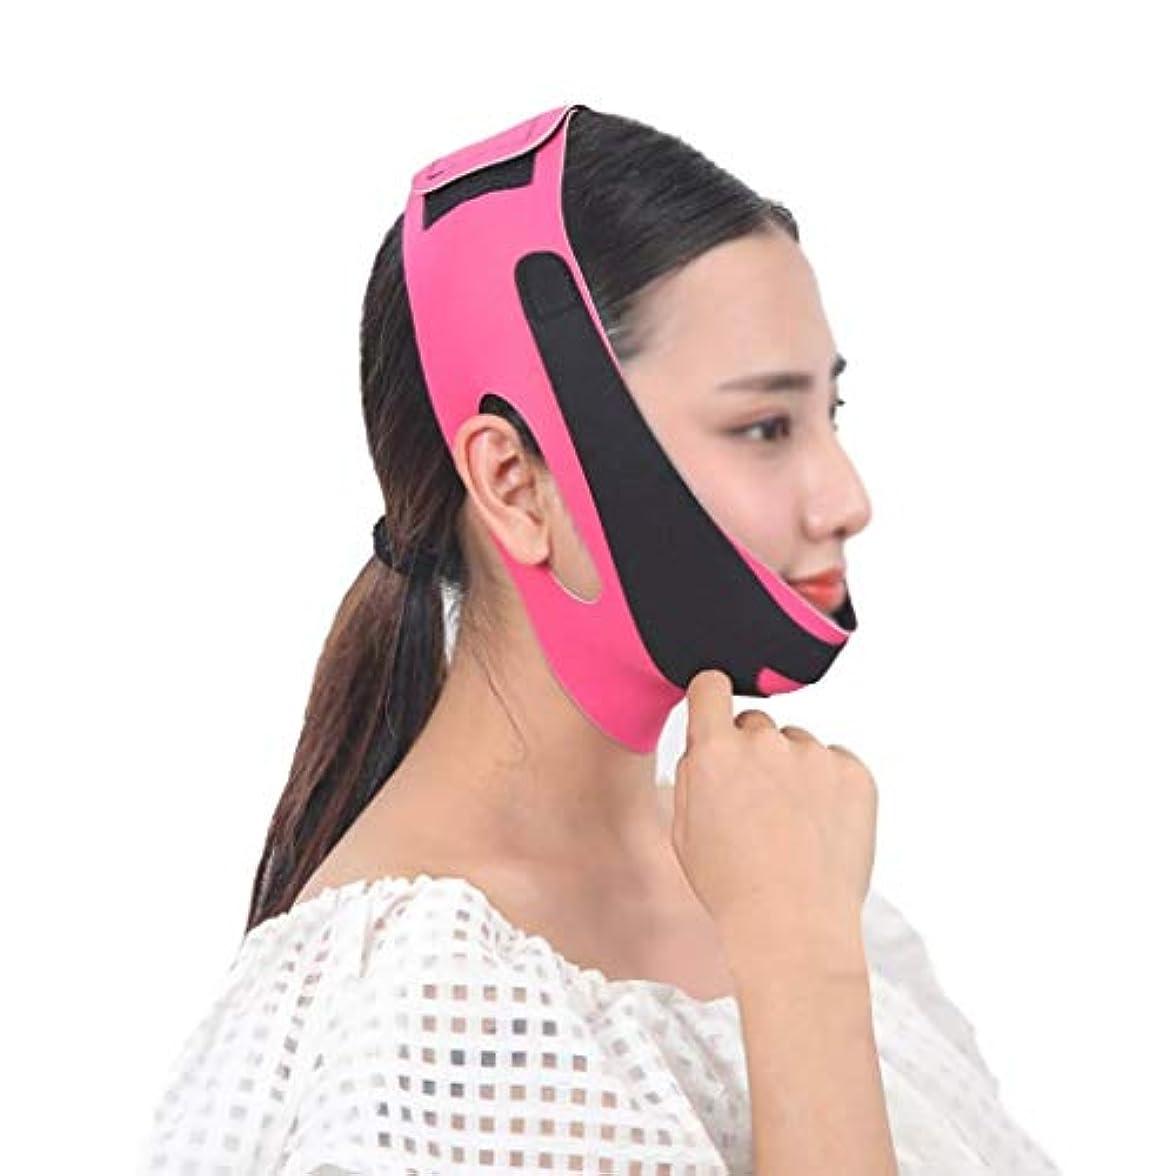 エピソードゆりかご疑問に思う顔と首のリフト術後の弾性フェイスマスク小V顔アーティファクト薄い顔包帯アーティファクトV顔吊り耳リフティング引き締め薄い顔アーティファクト